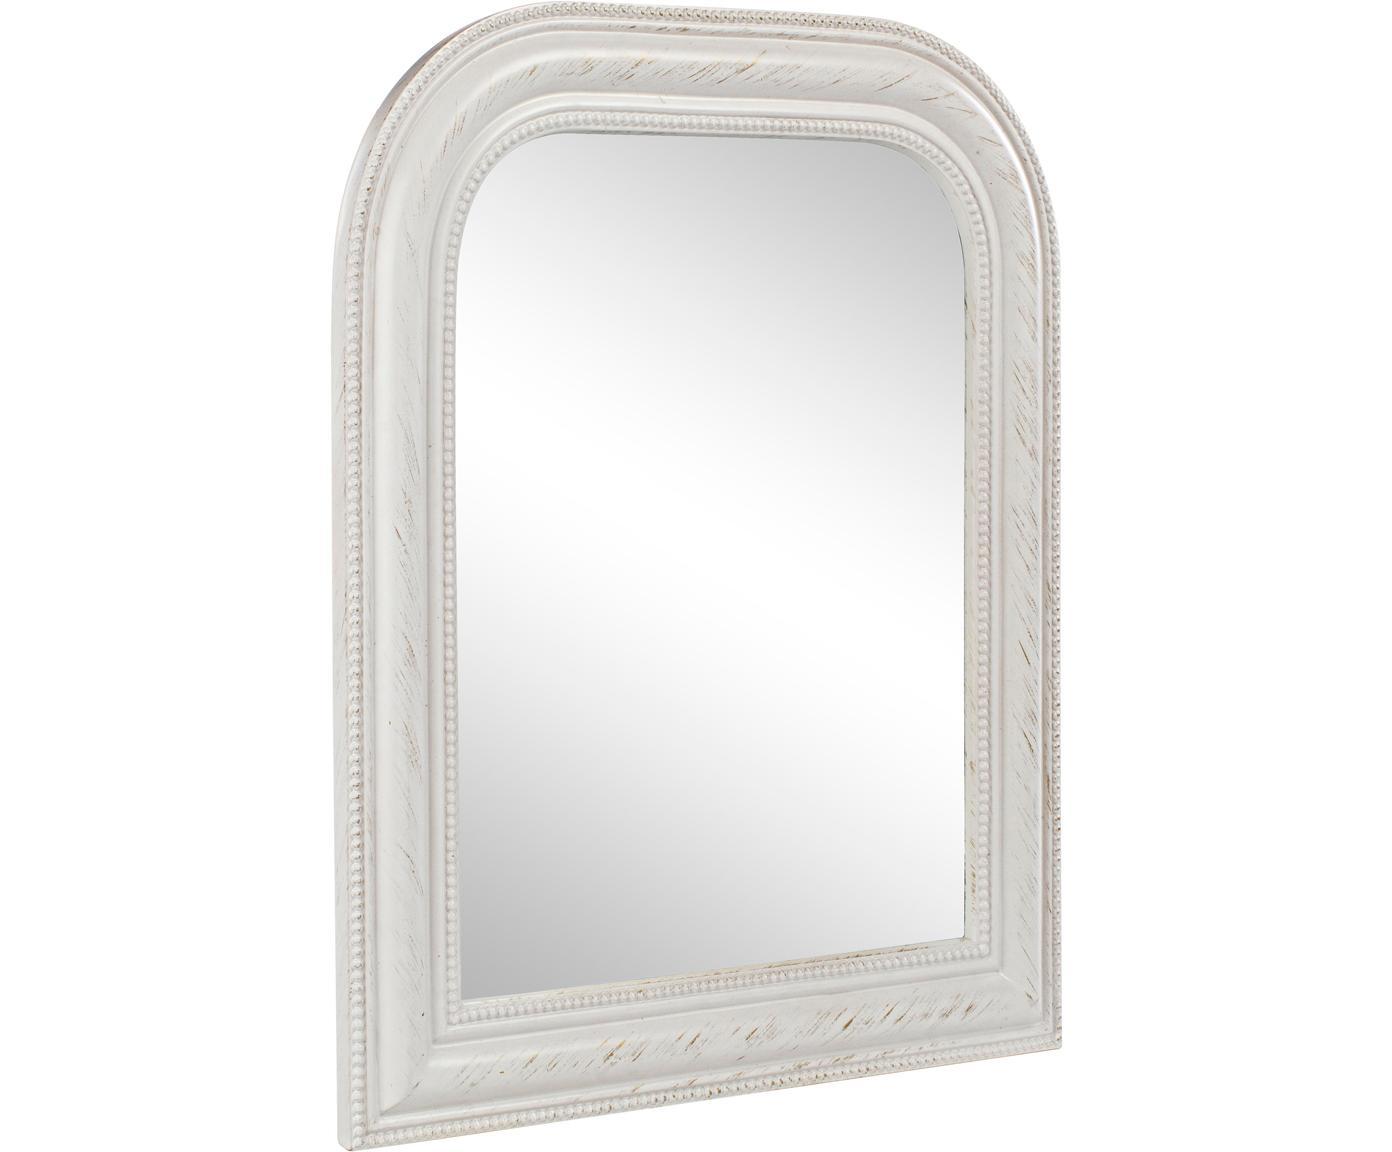 Specchio da parete Miro, Cornice: legno, rivestito, Superficie dello specchio: lastra di vetro, Bianco, Larg. 50 x Alt. 60 cm